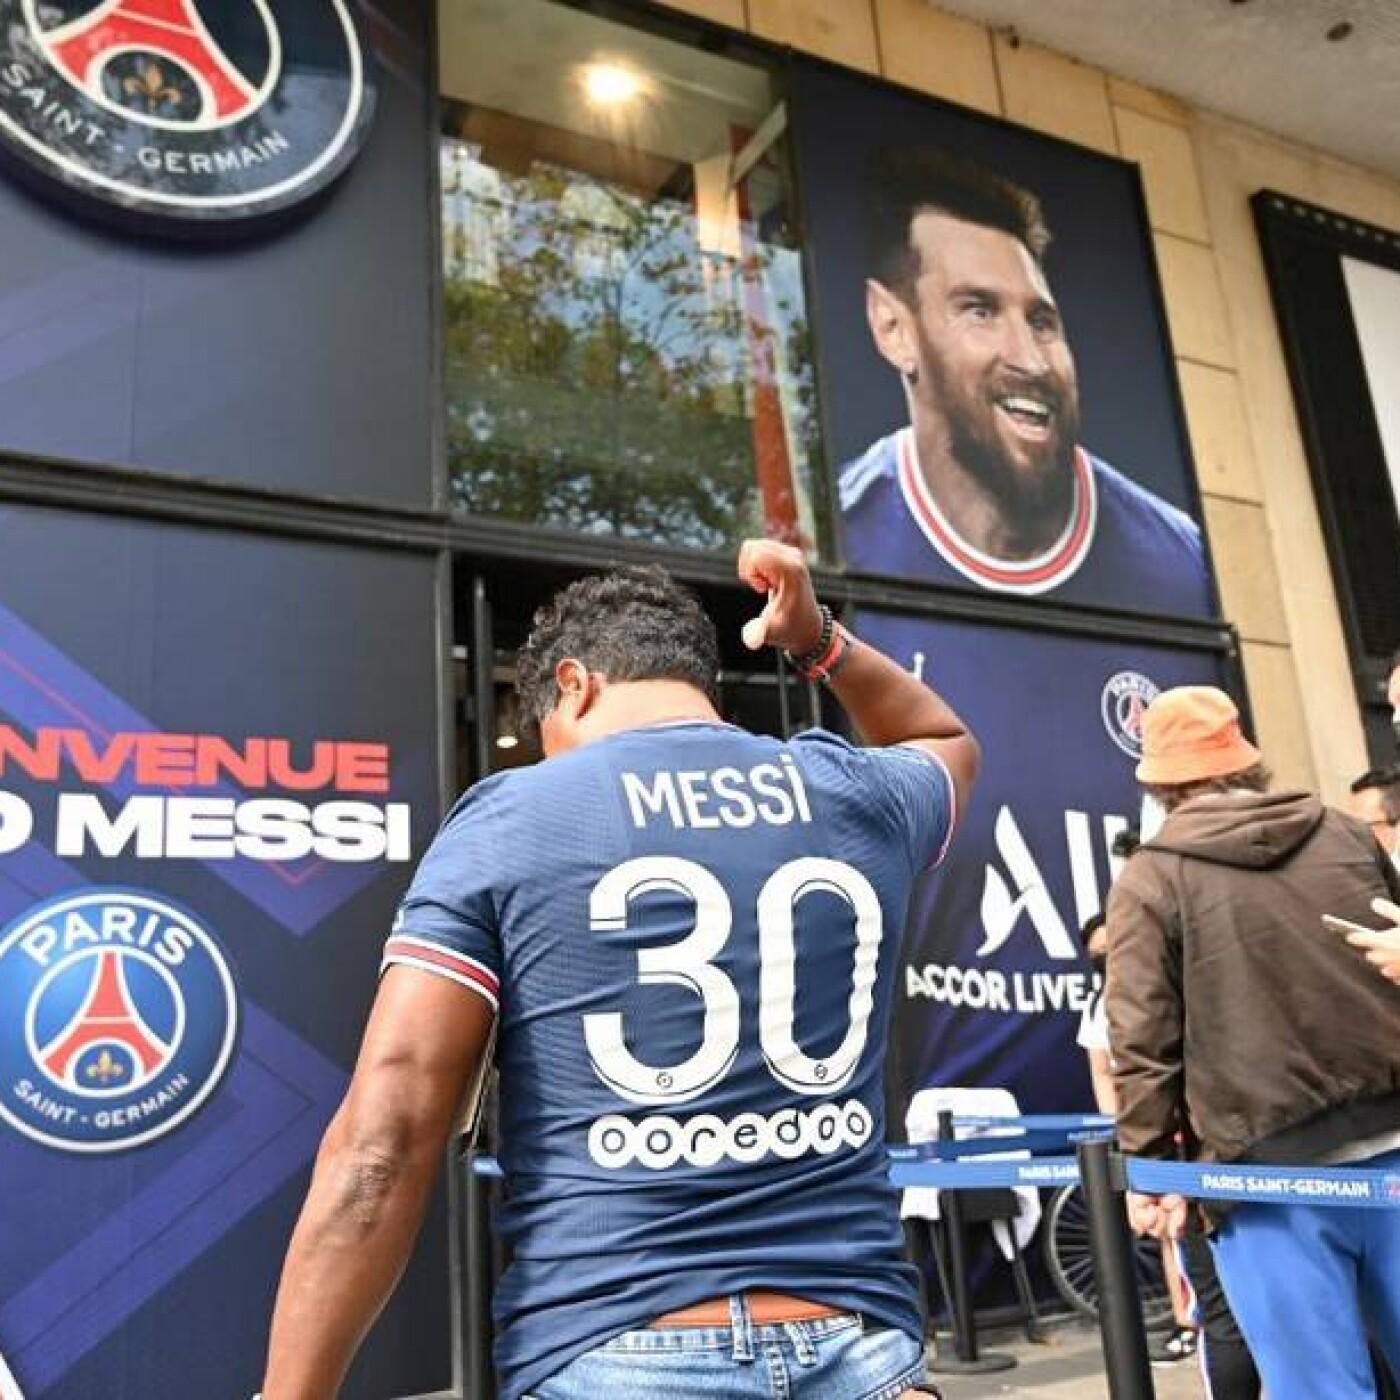 Humeur du jour, Le Messi de l'été - 24 08 2021 - StereoChic Radio